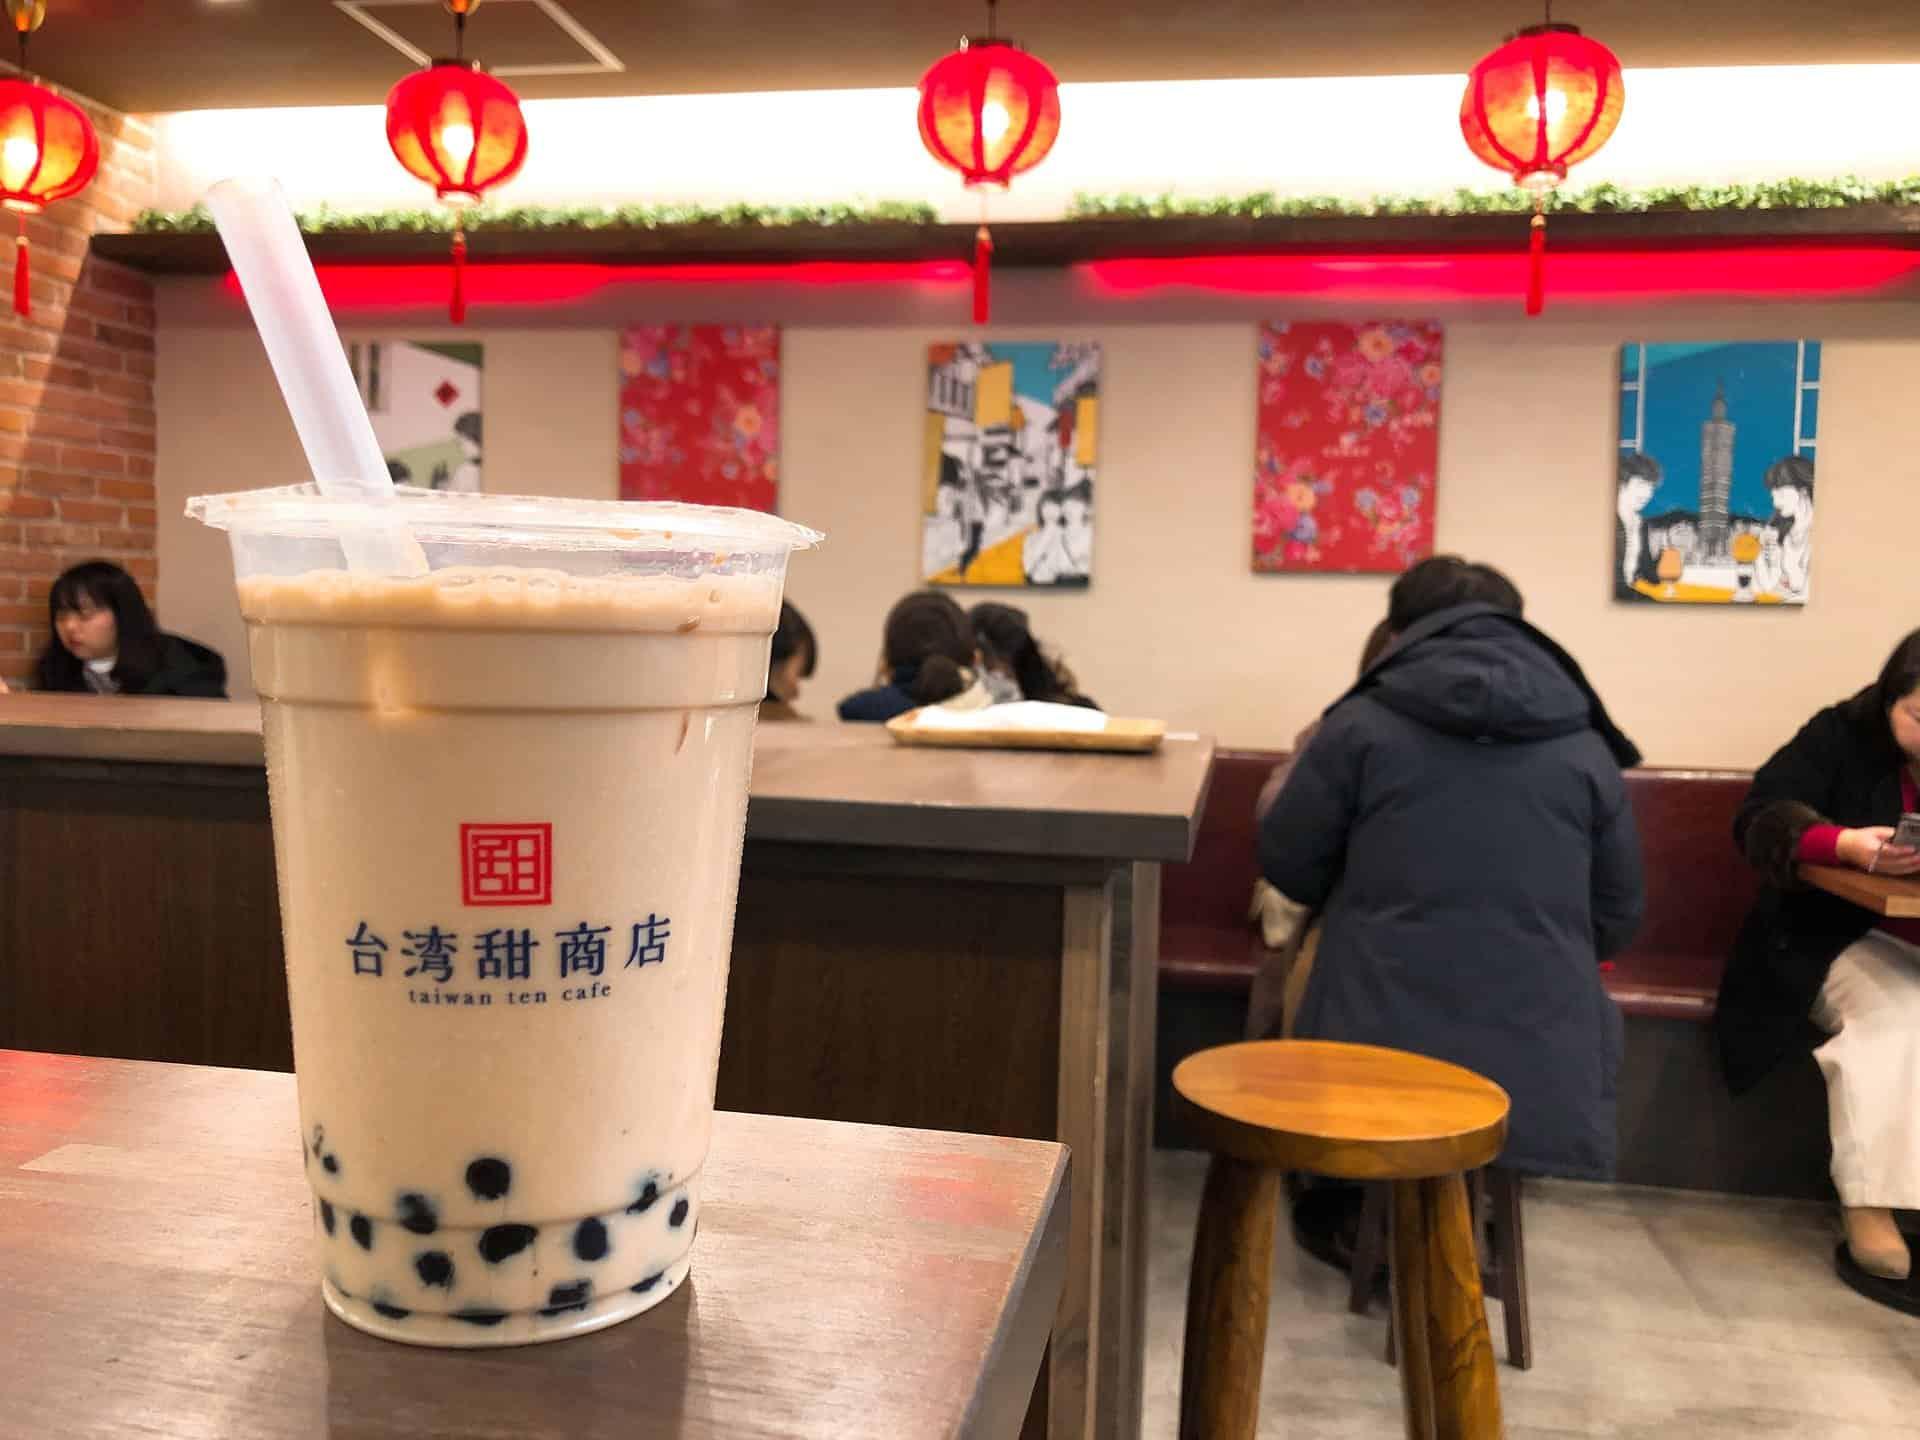 Taiwan Tien Cafe in Osaka